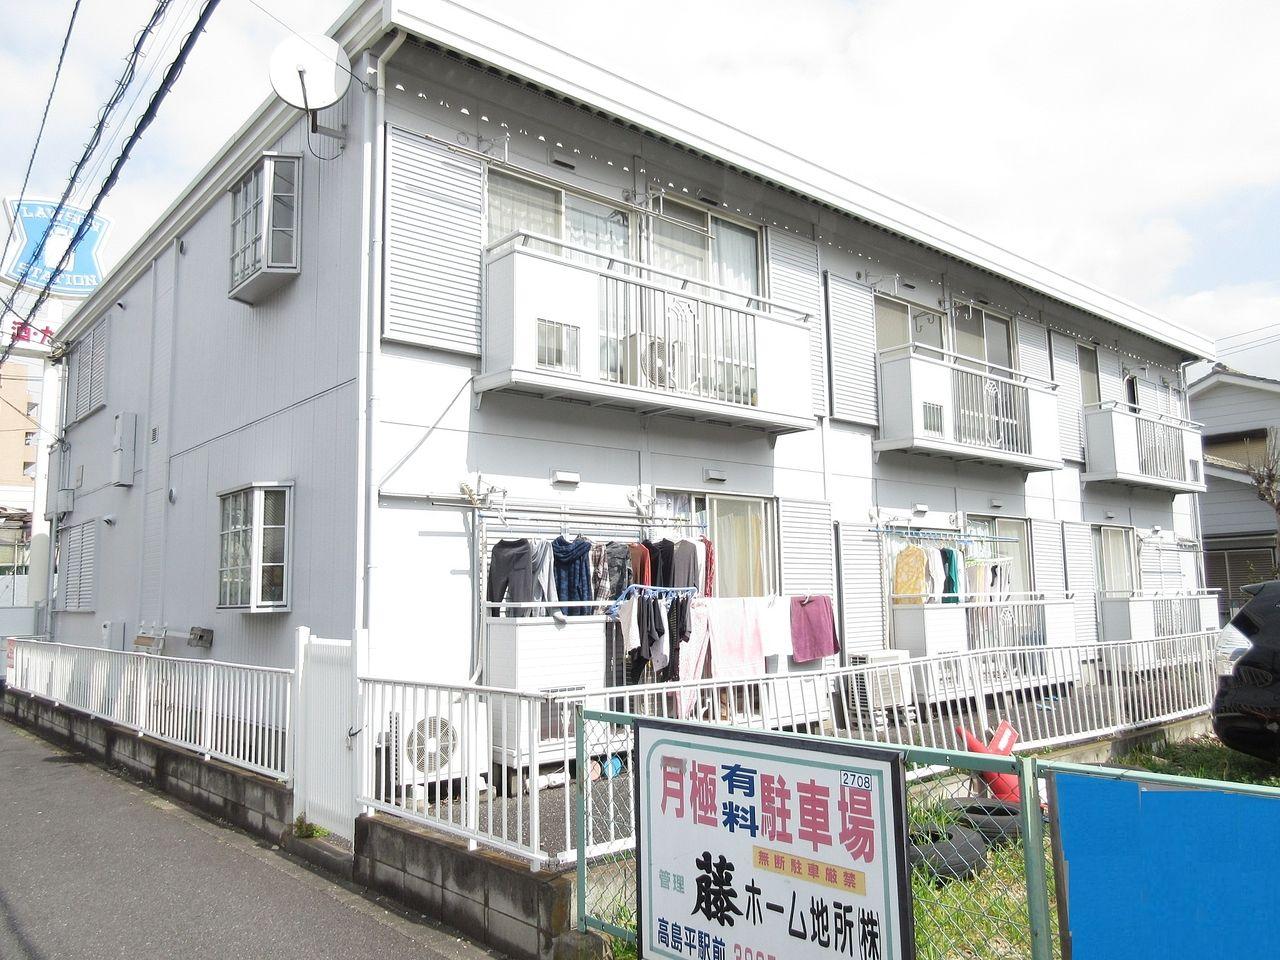 【板橋区高島平の賃貸アパート】~広々とした生活はいかがでしょうか?・ハビーハイツ 201号室~